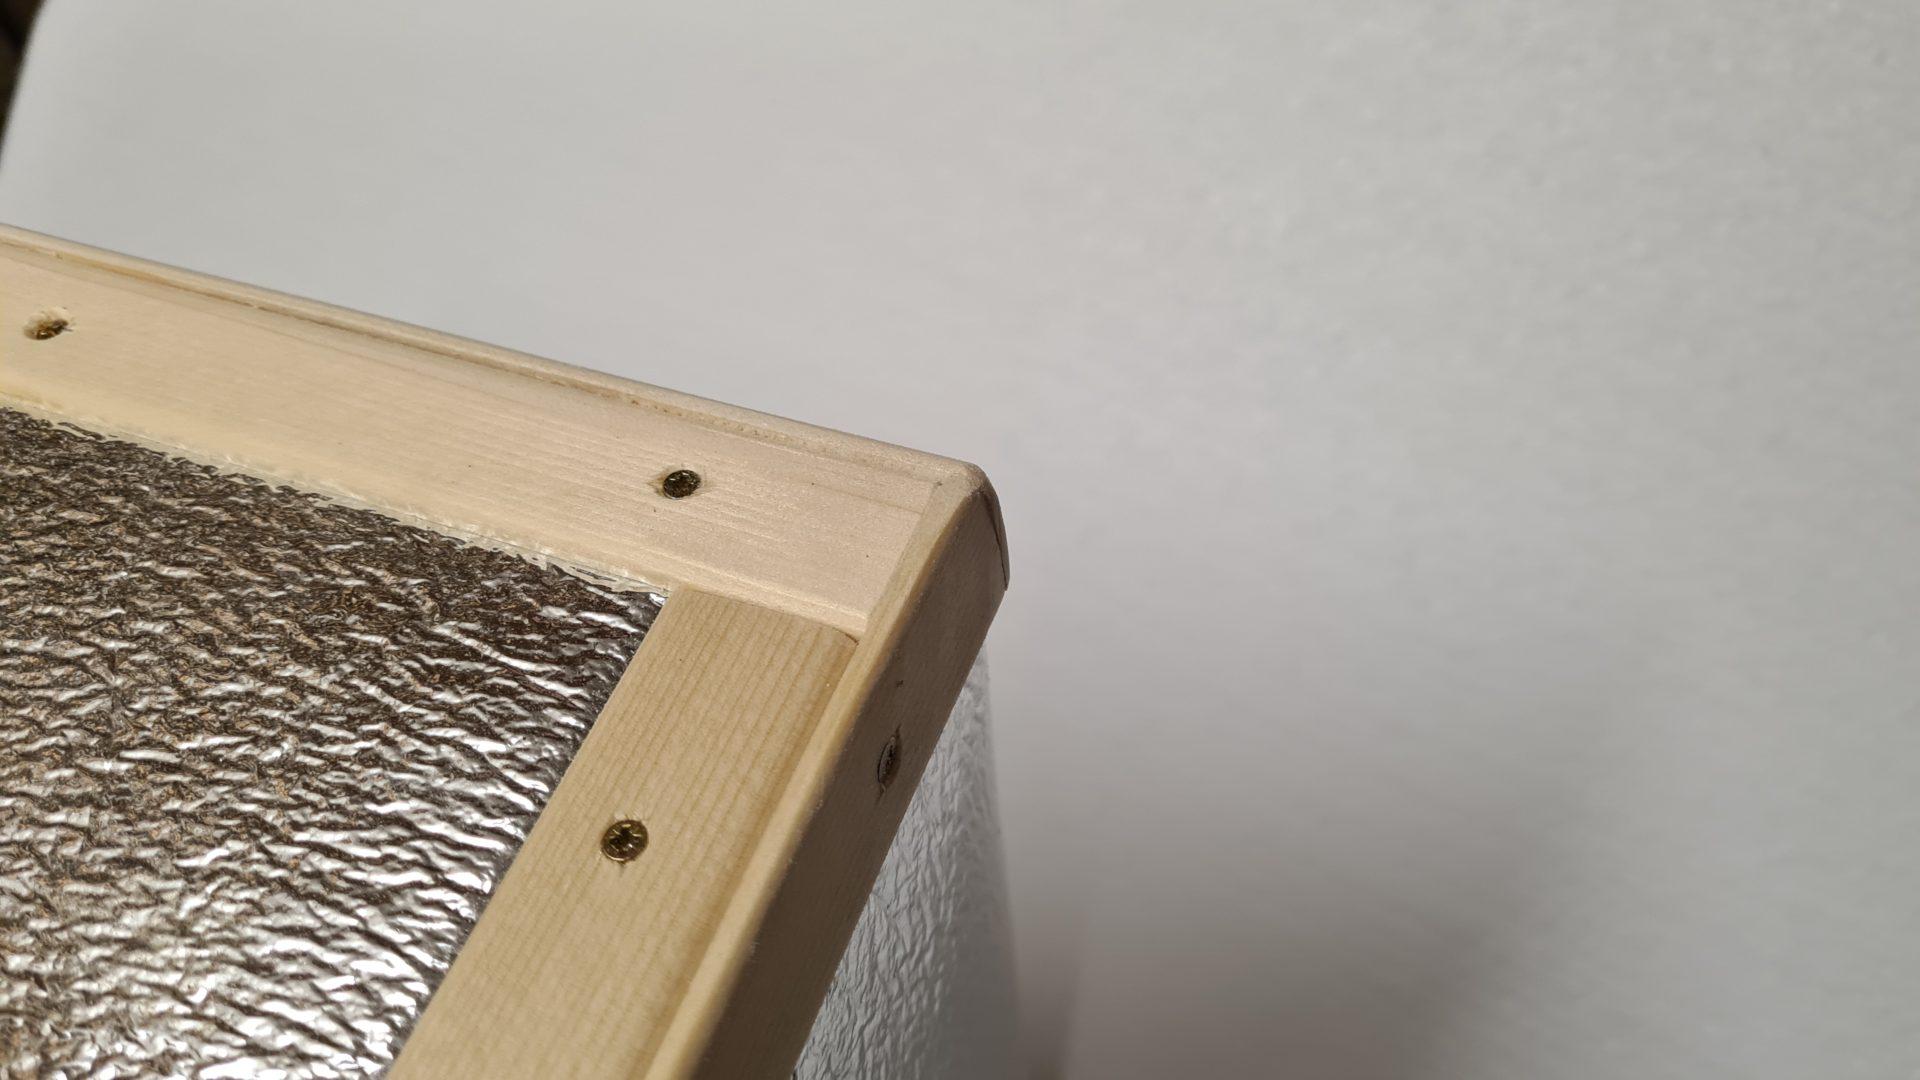 Čmeláci PLUS - Úprava úlku - úlek obalený folií a opatřený lištami - spodní strana